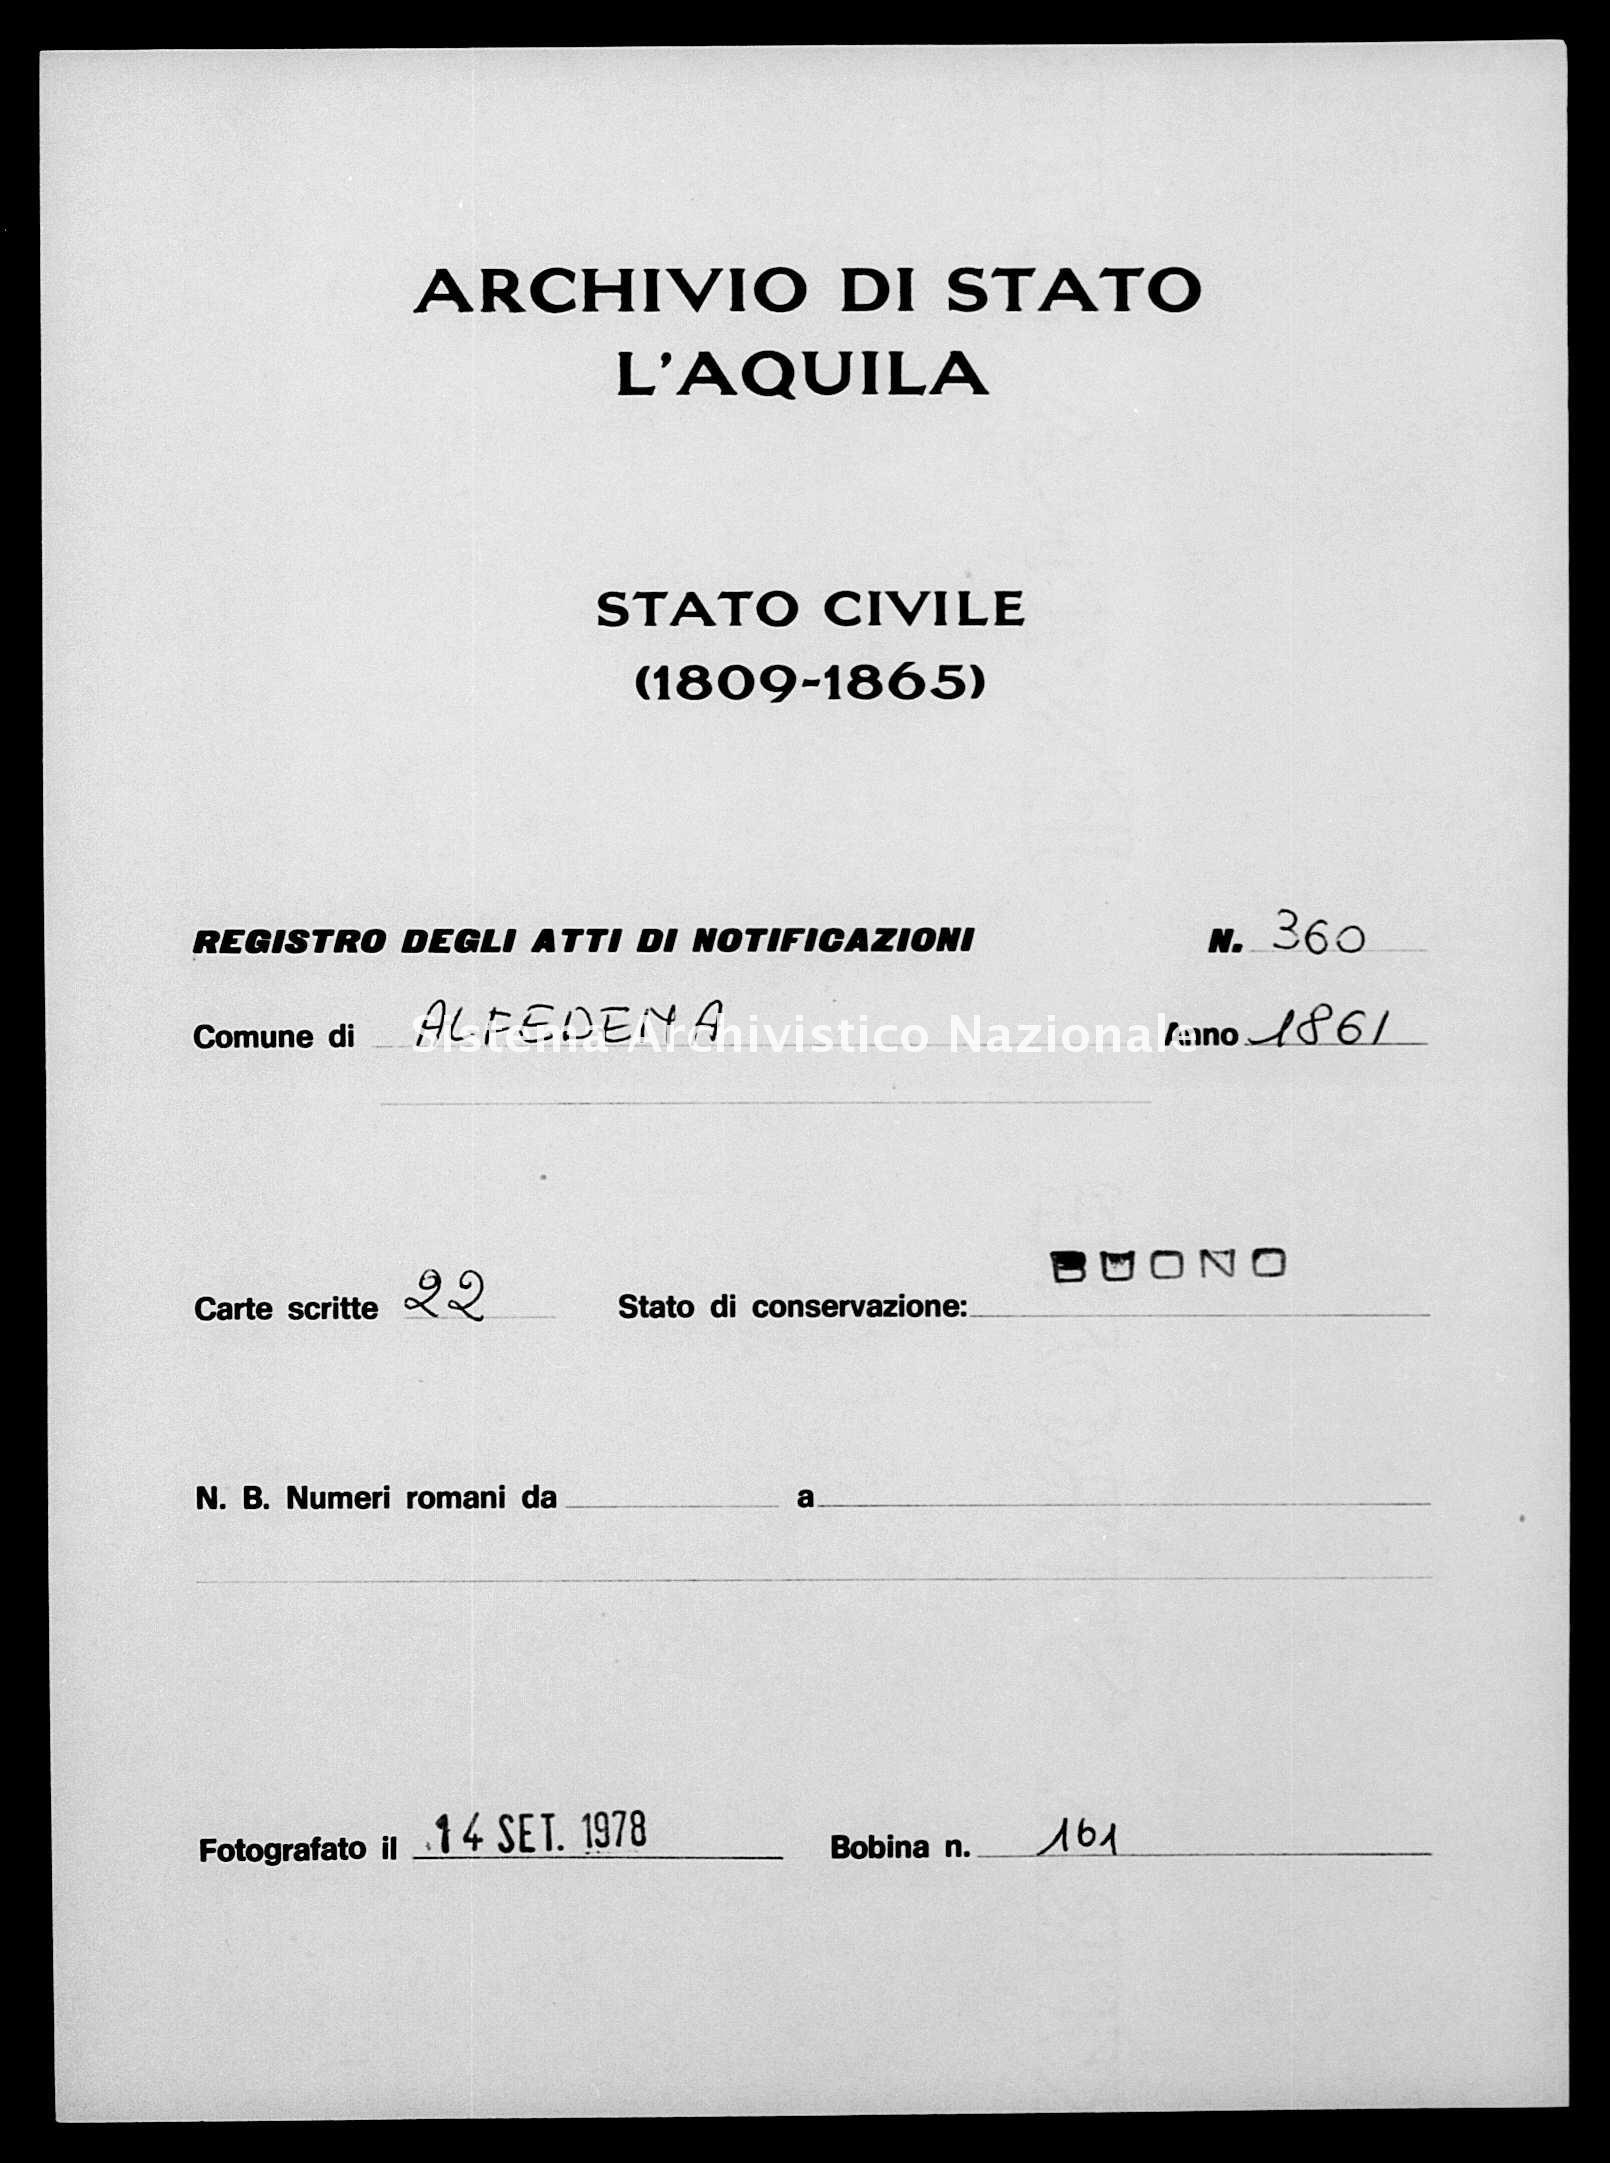 Archivio di stato di L'aquila - Stato civile italiano - Alfedena - Matrimoni, memorandum notificazioni ed opposizioni - 1861 - 360 -